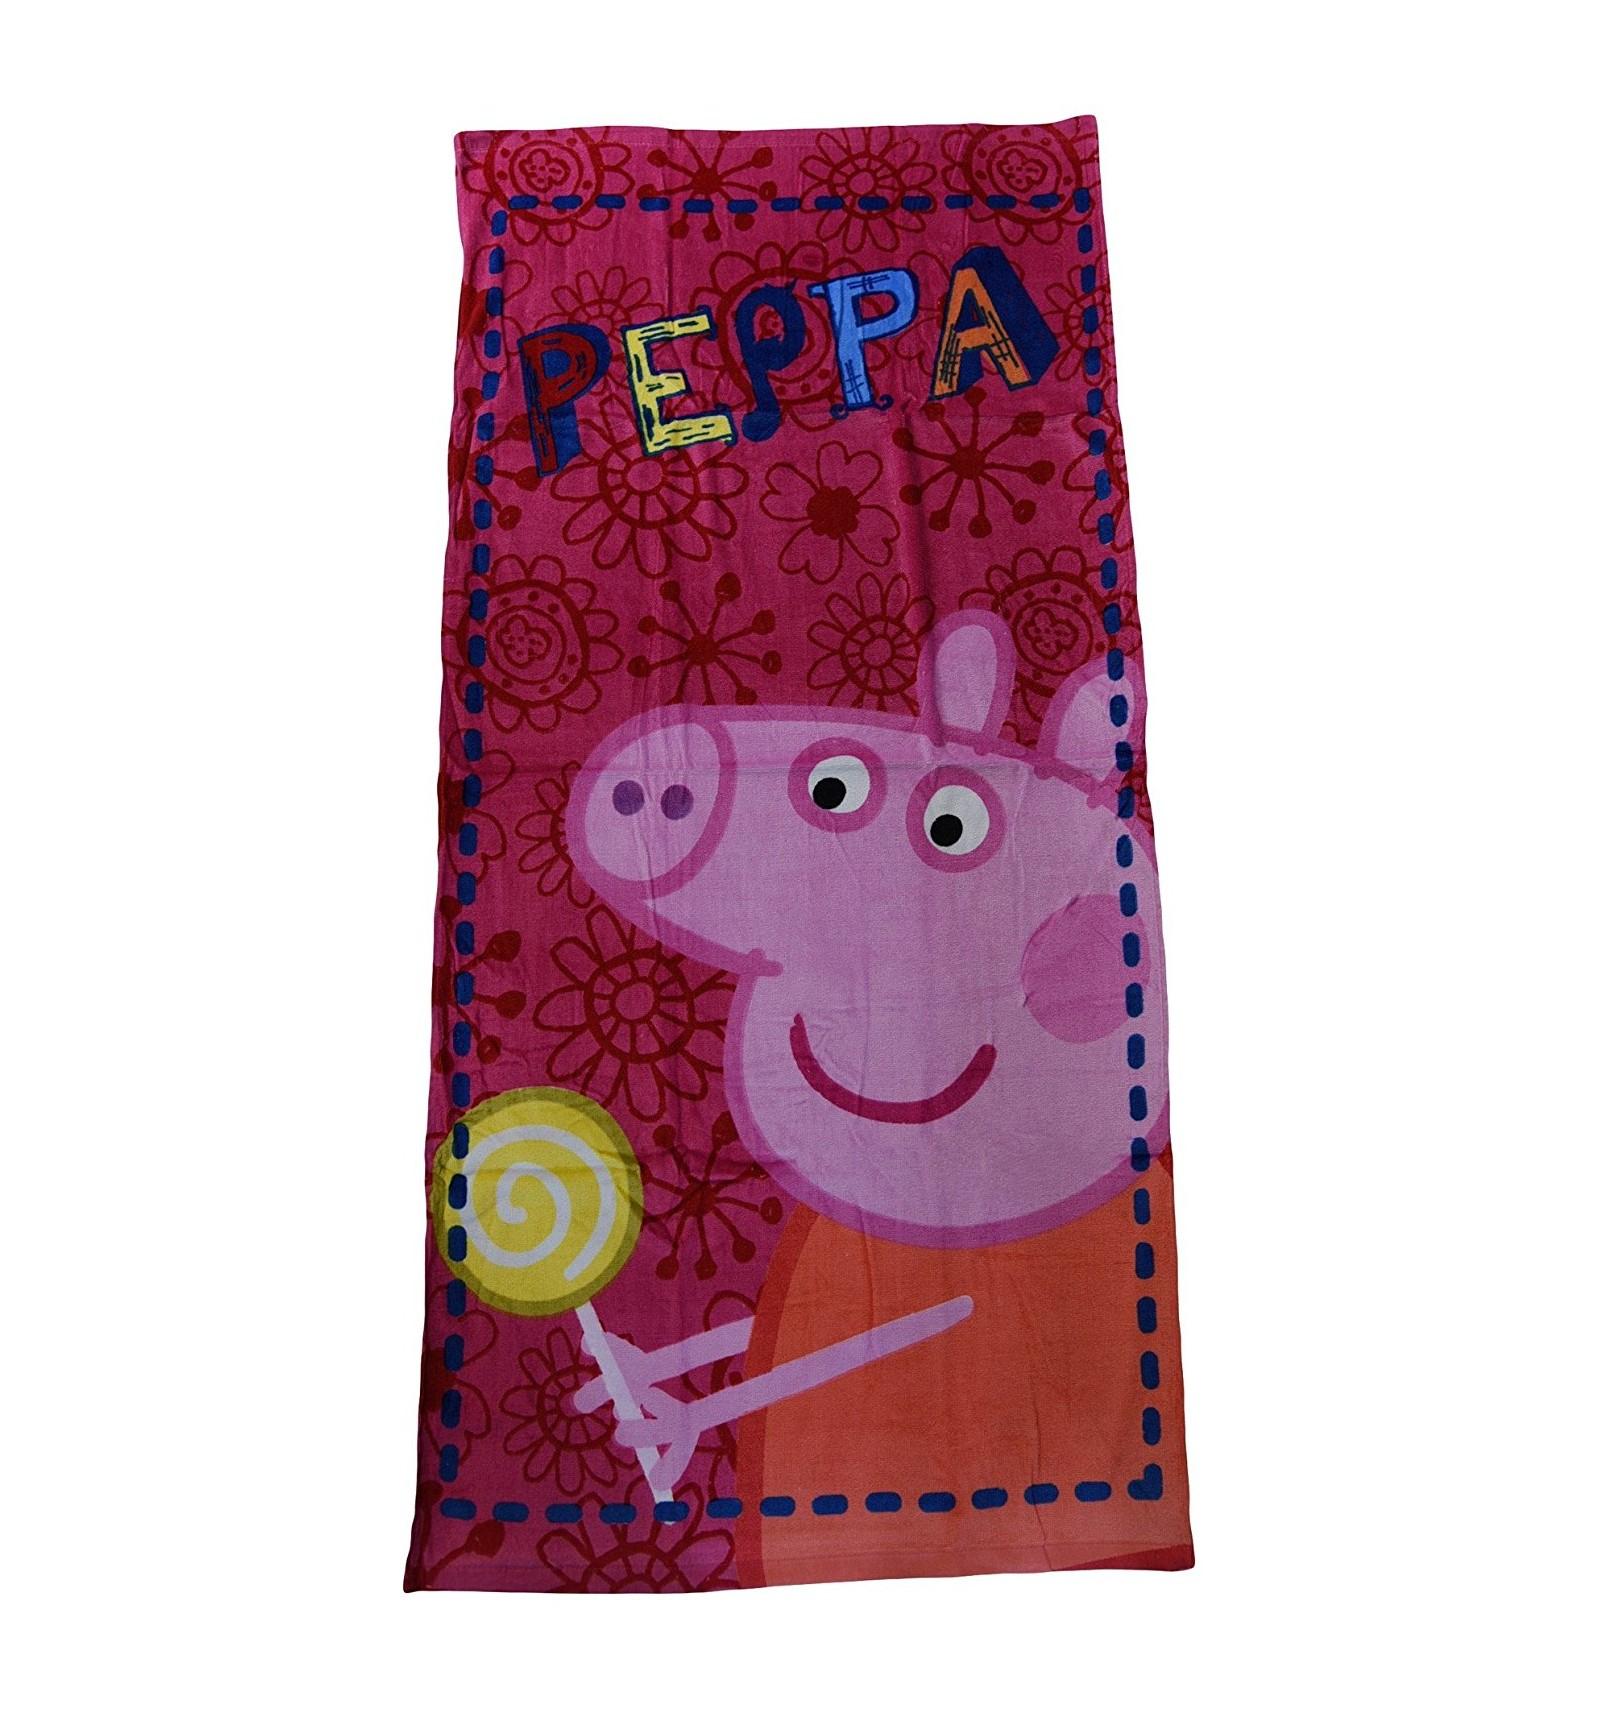 Serviette De Plage Et Piscine Peppa Pig Towel Pour Les Enfants Pp-09008 pour Peppa Pig À La Piscine